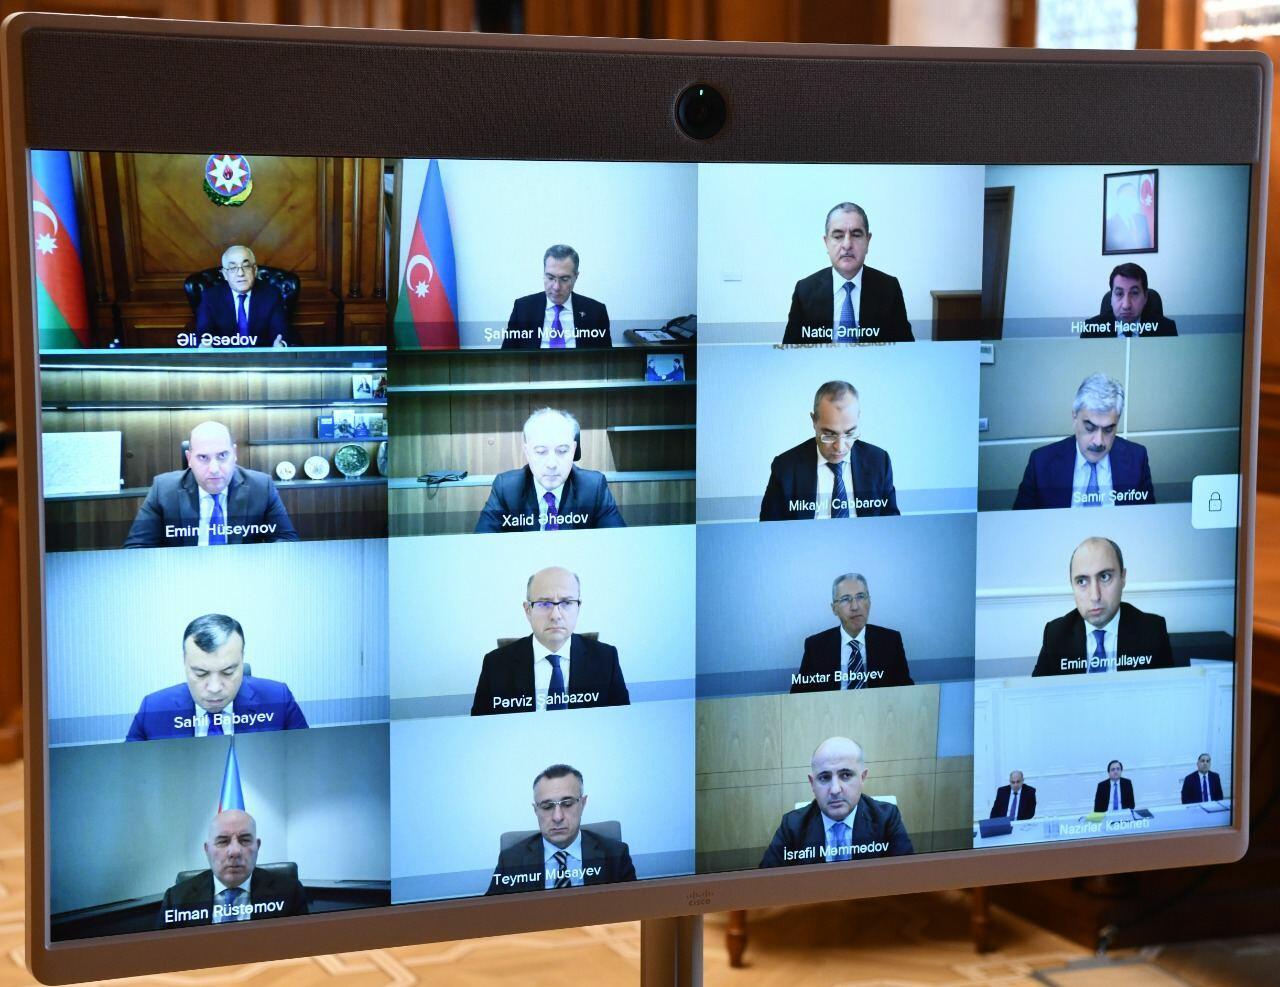 Состоялось очередное заседание Экономического совета Азербайджана